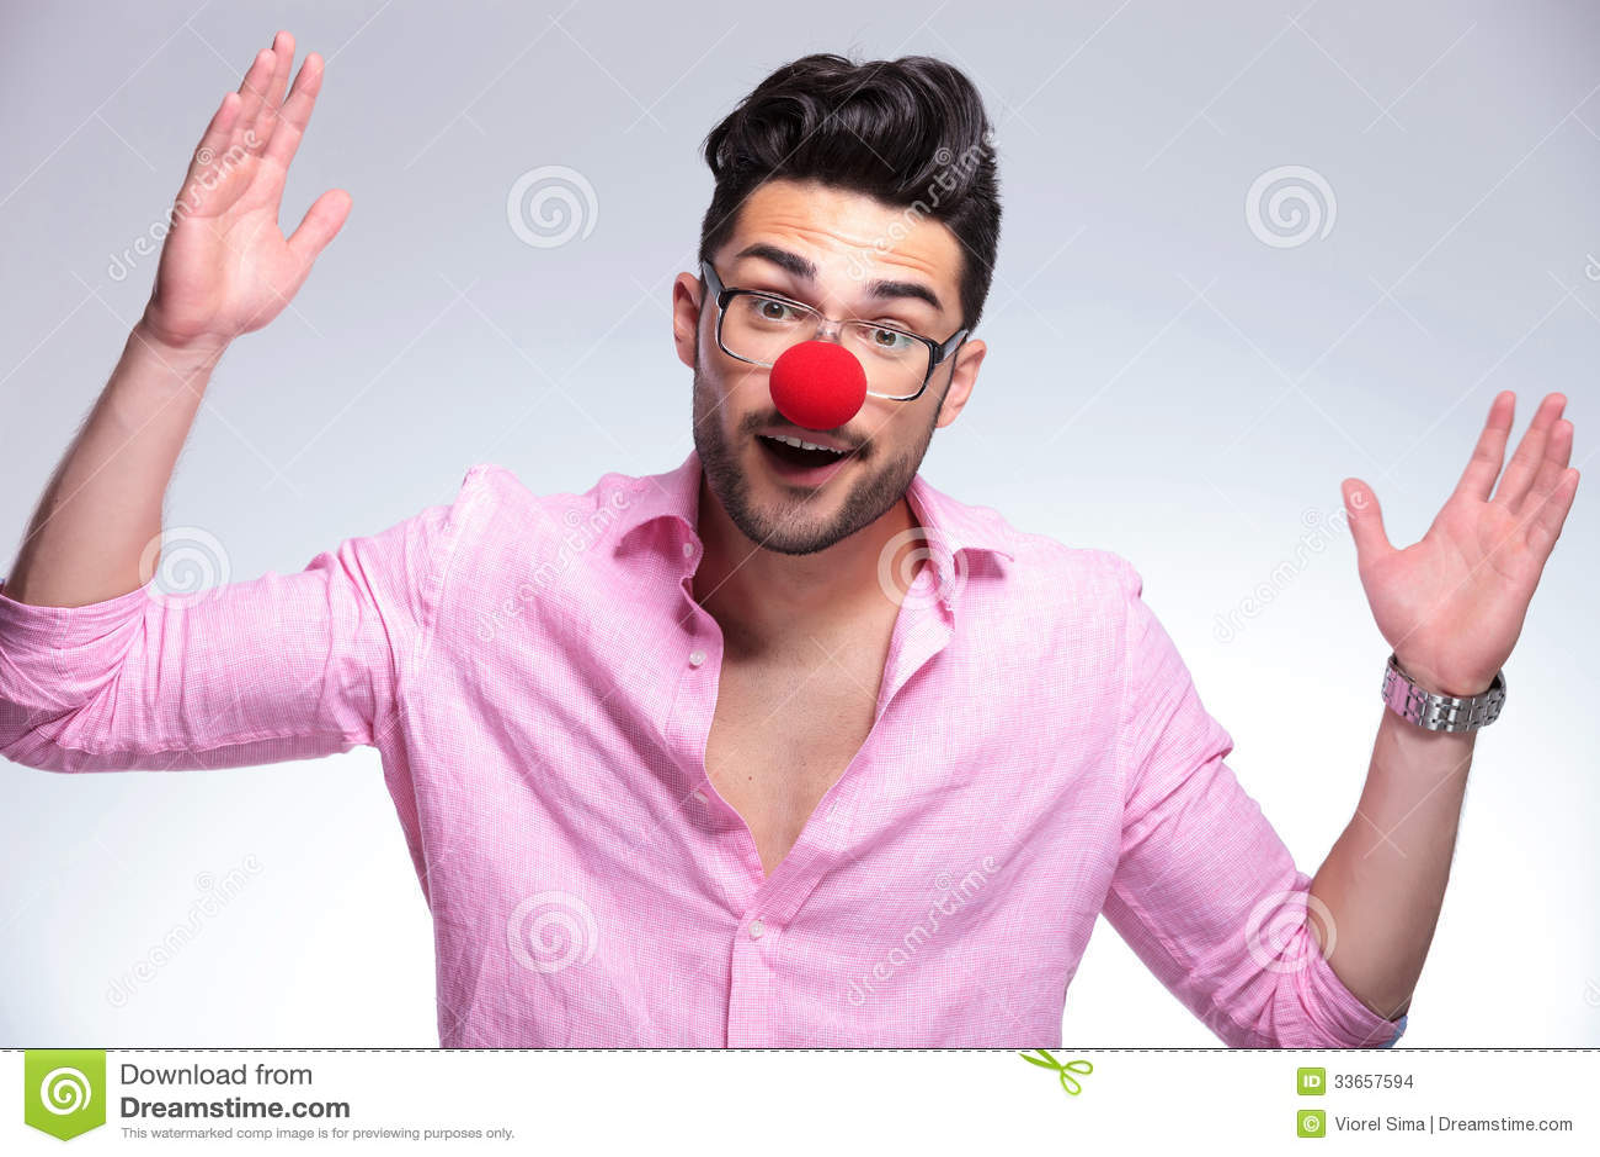 Молодой человек моды с красным носом делает жест